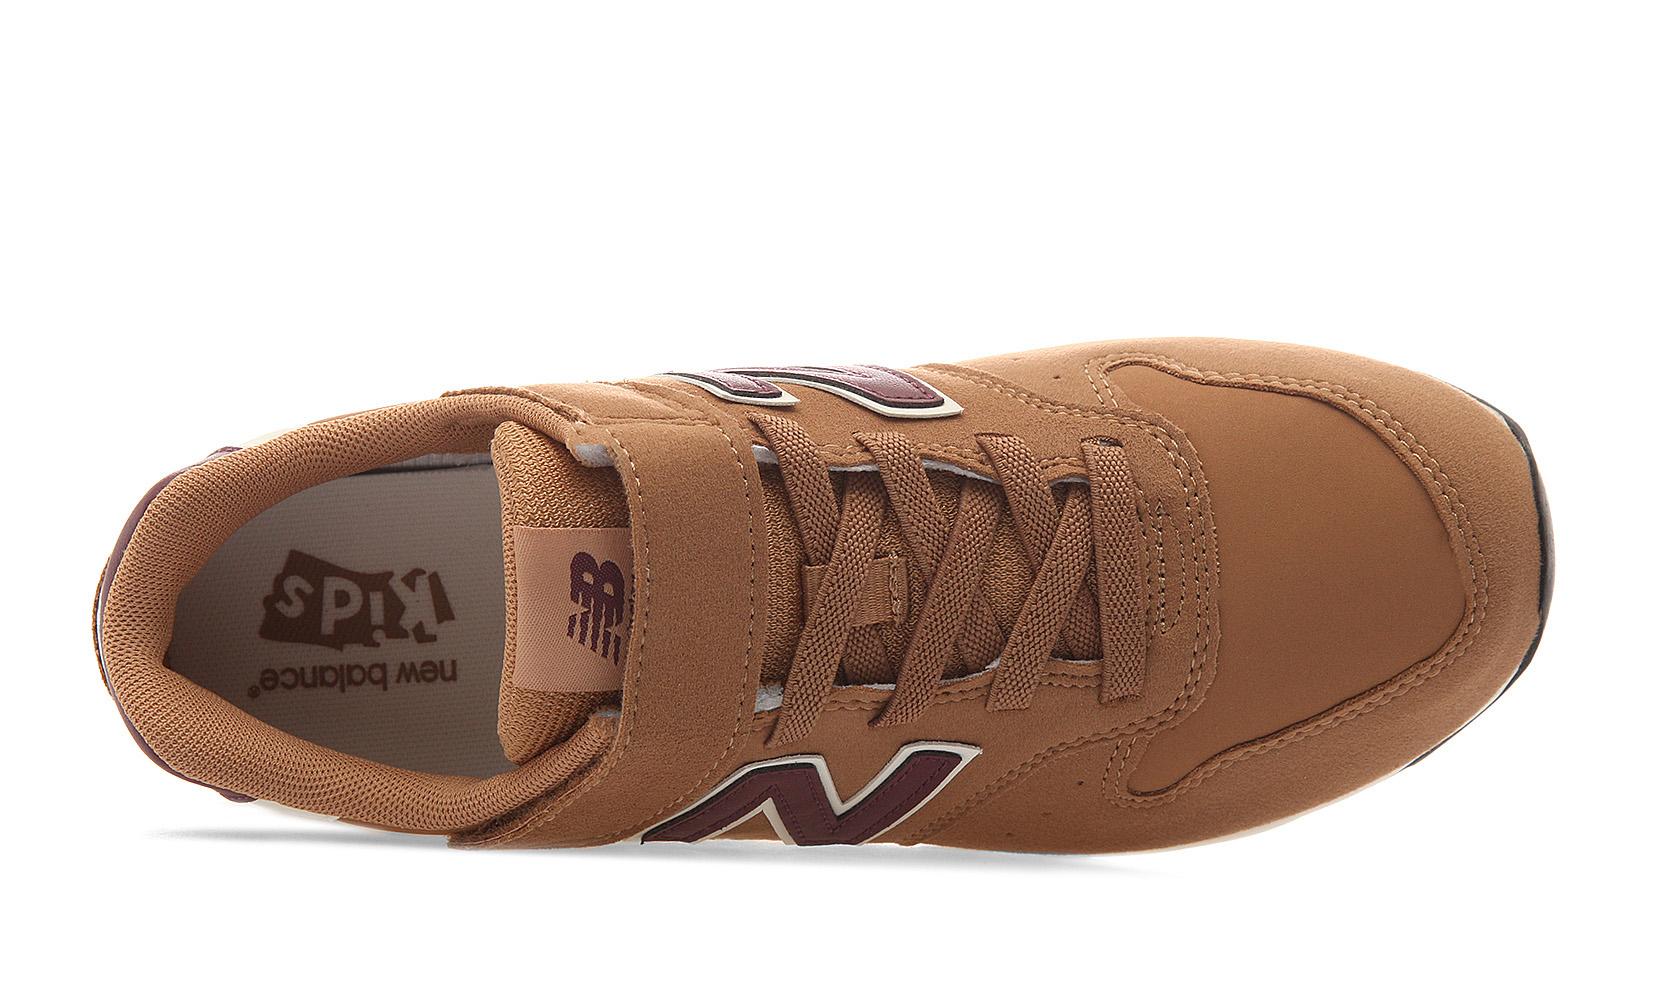 Дитяче взуття для підлітків New Balance 996 KV996TLY | New Balance